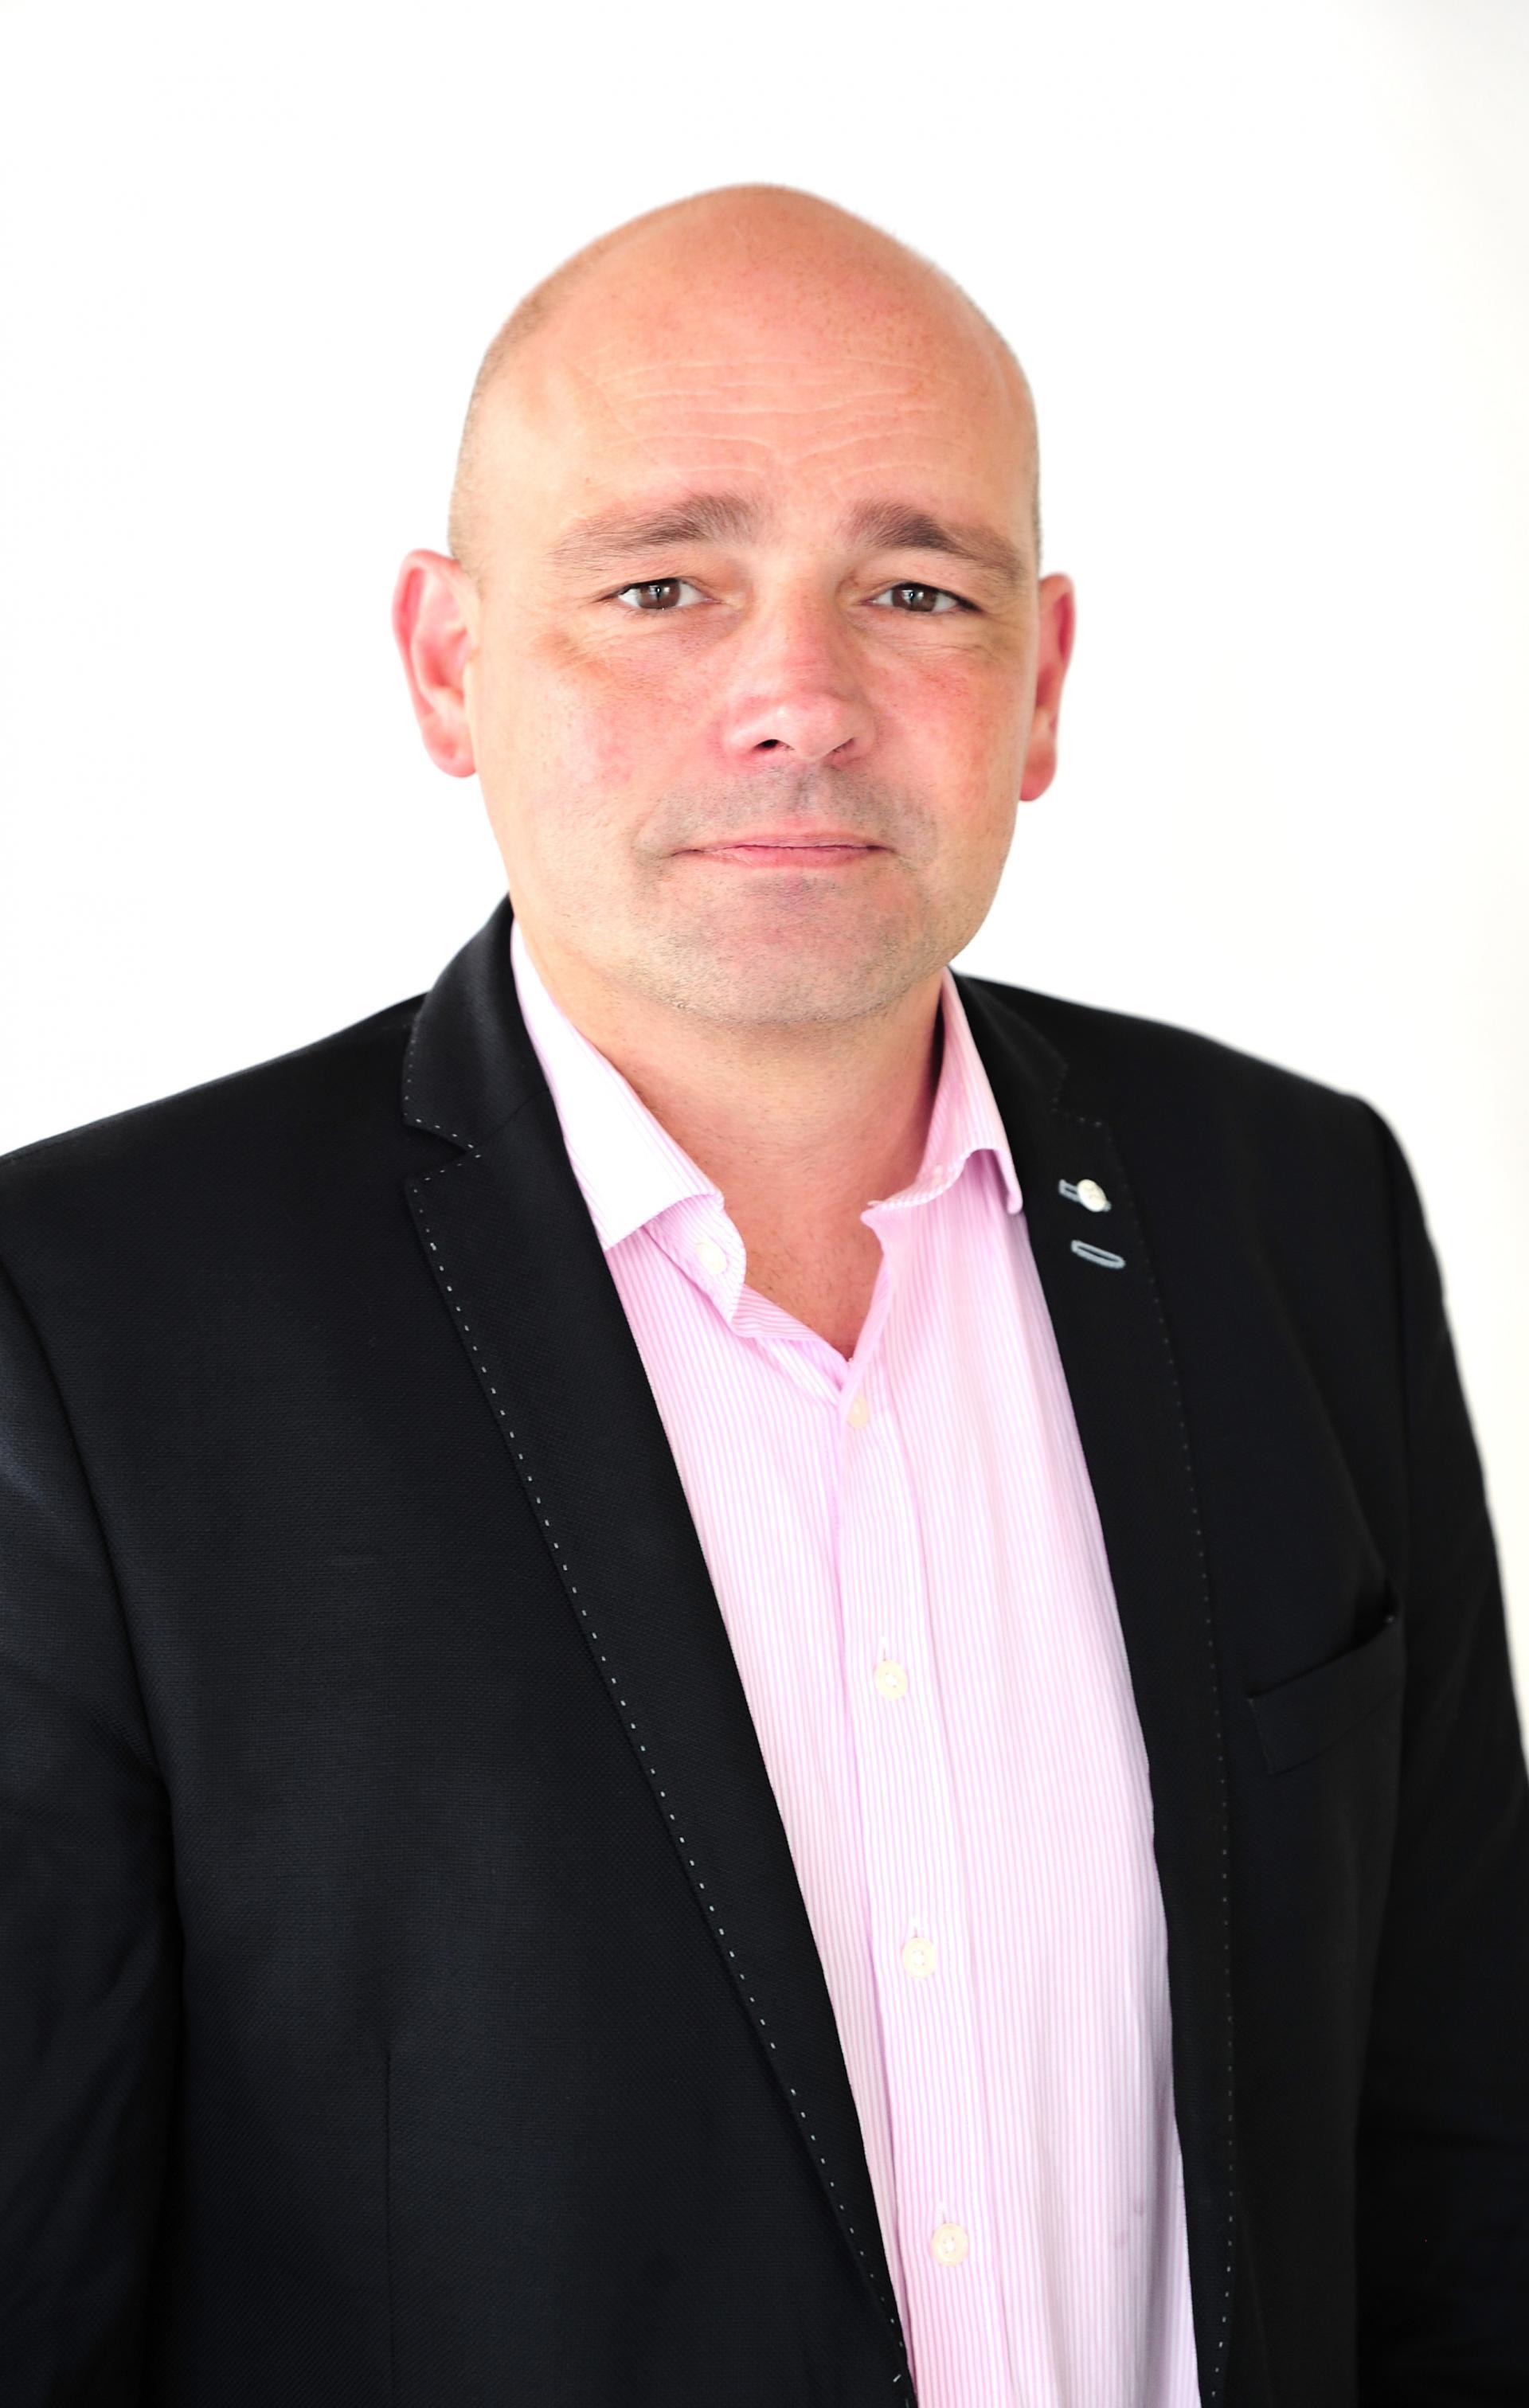 Pierre Dietz